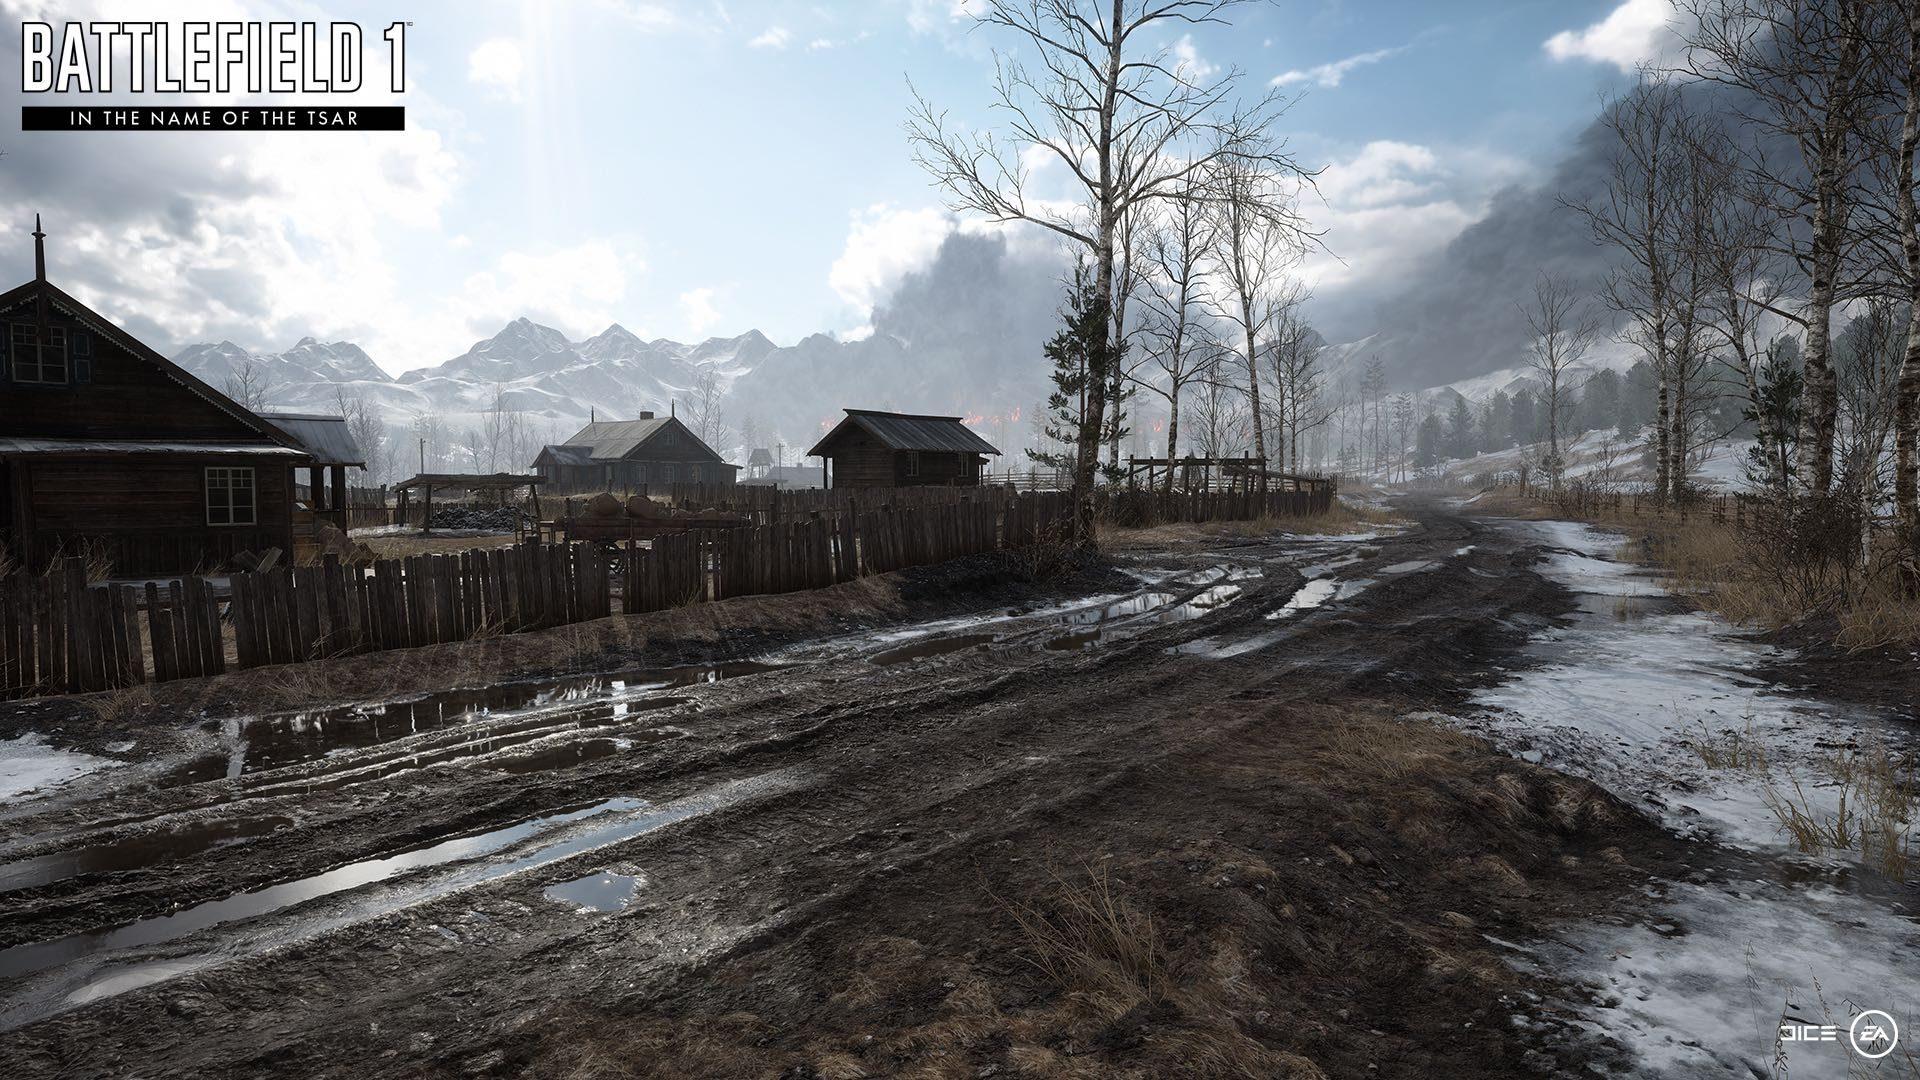 ماتحتاج معرفته التحديث الجديد Battlefield